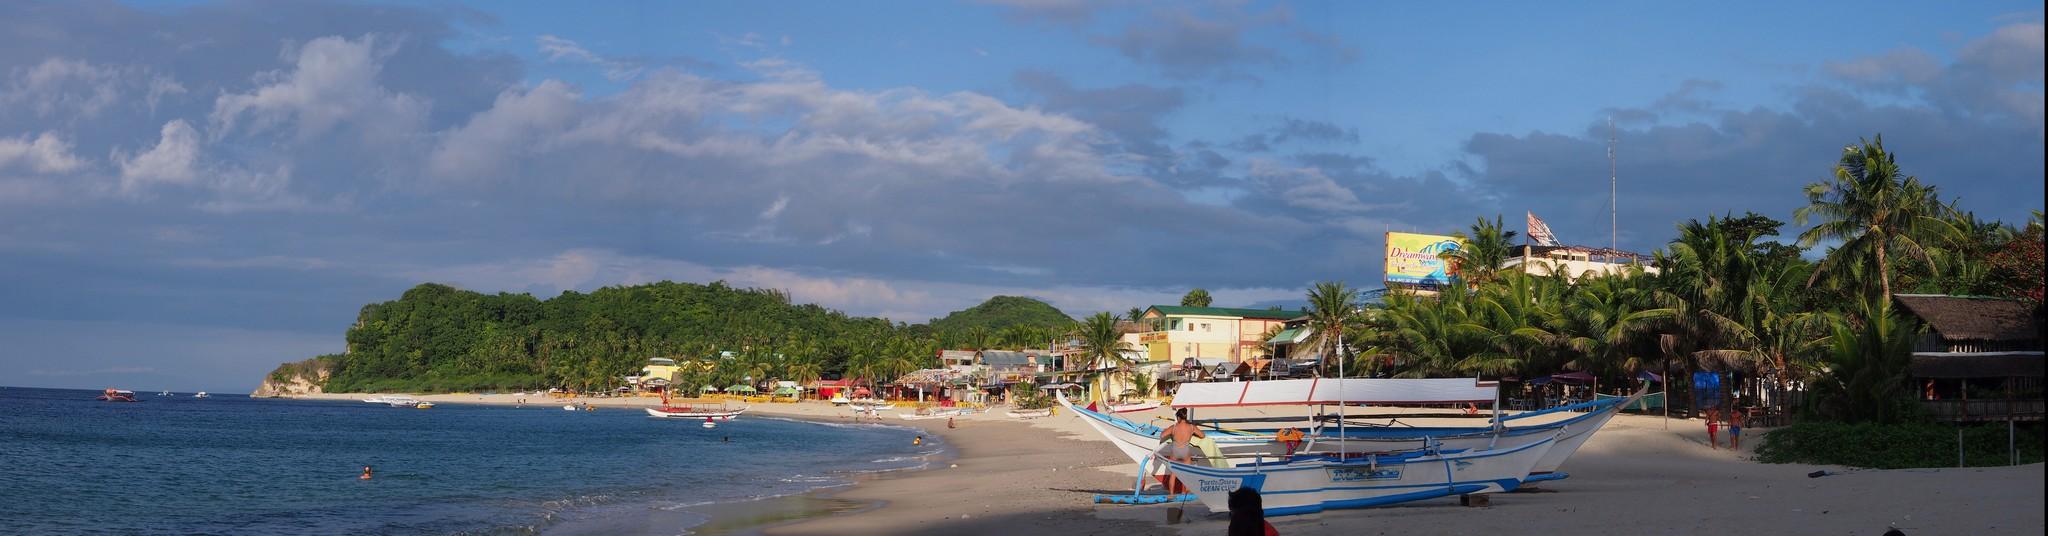 P1316828 Pano Filipinas Mindoro Puerto Galera White Beach